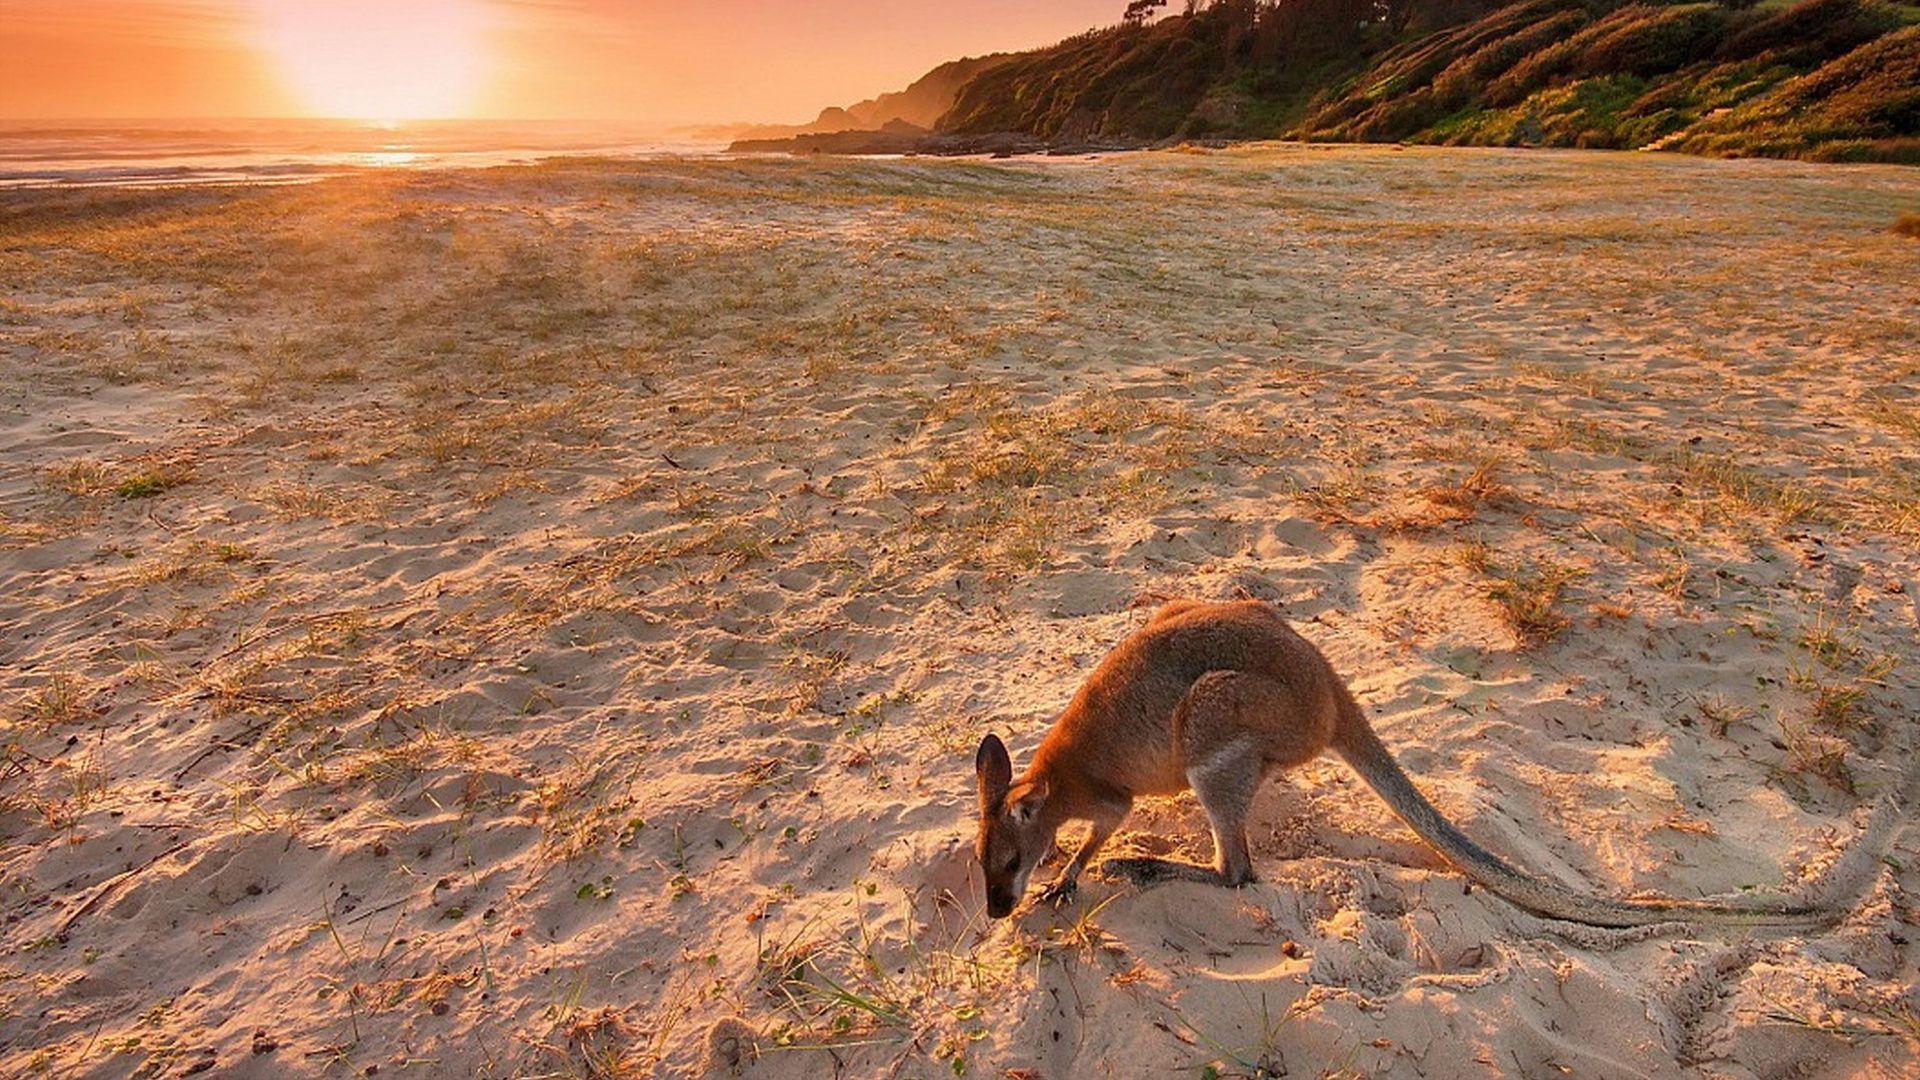 Australia Kangaroo On Beach